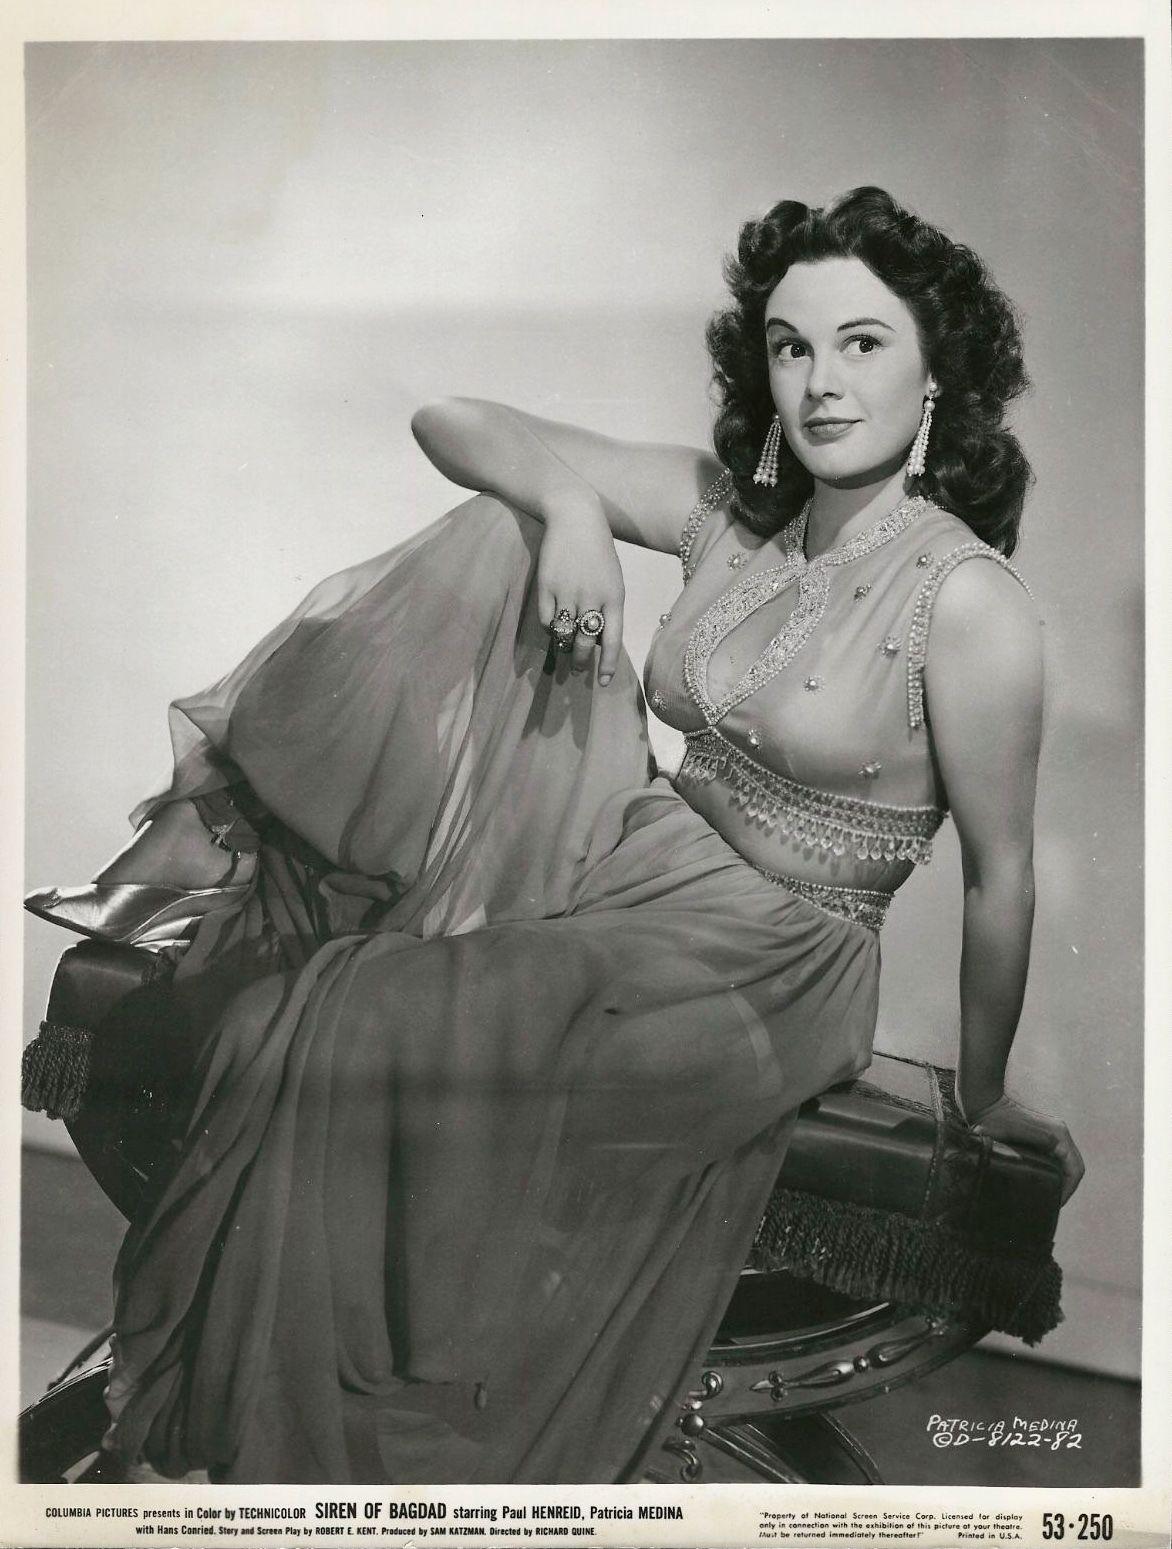 Claire dela Fuente (b. 1958) photo